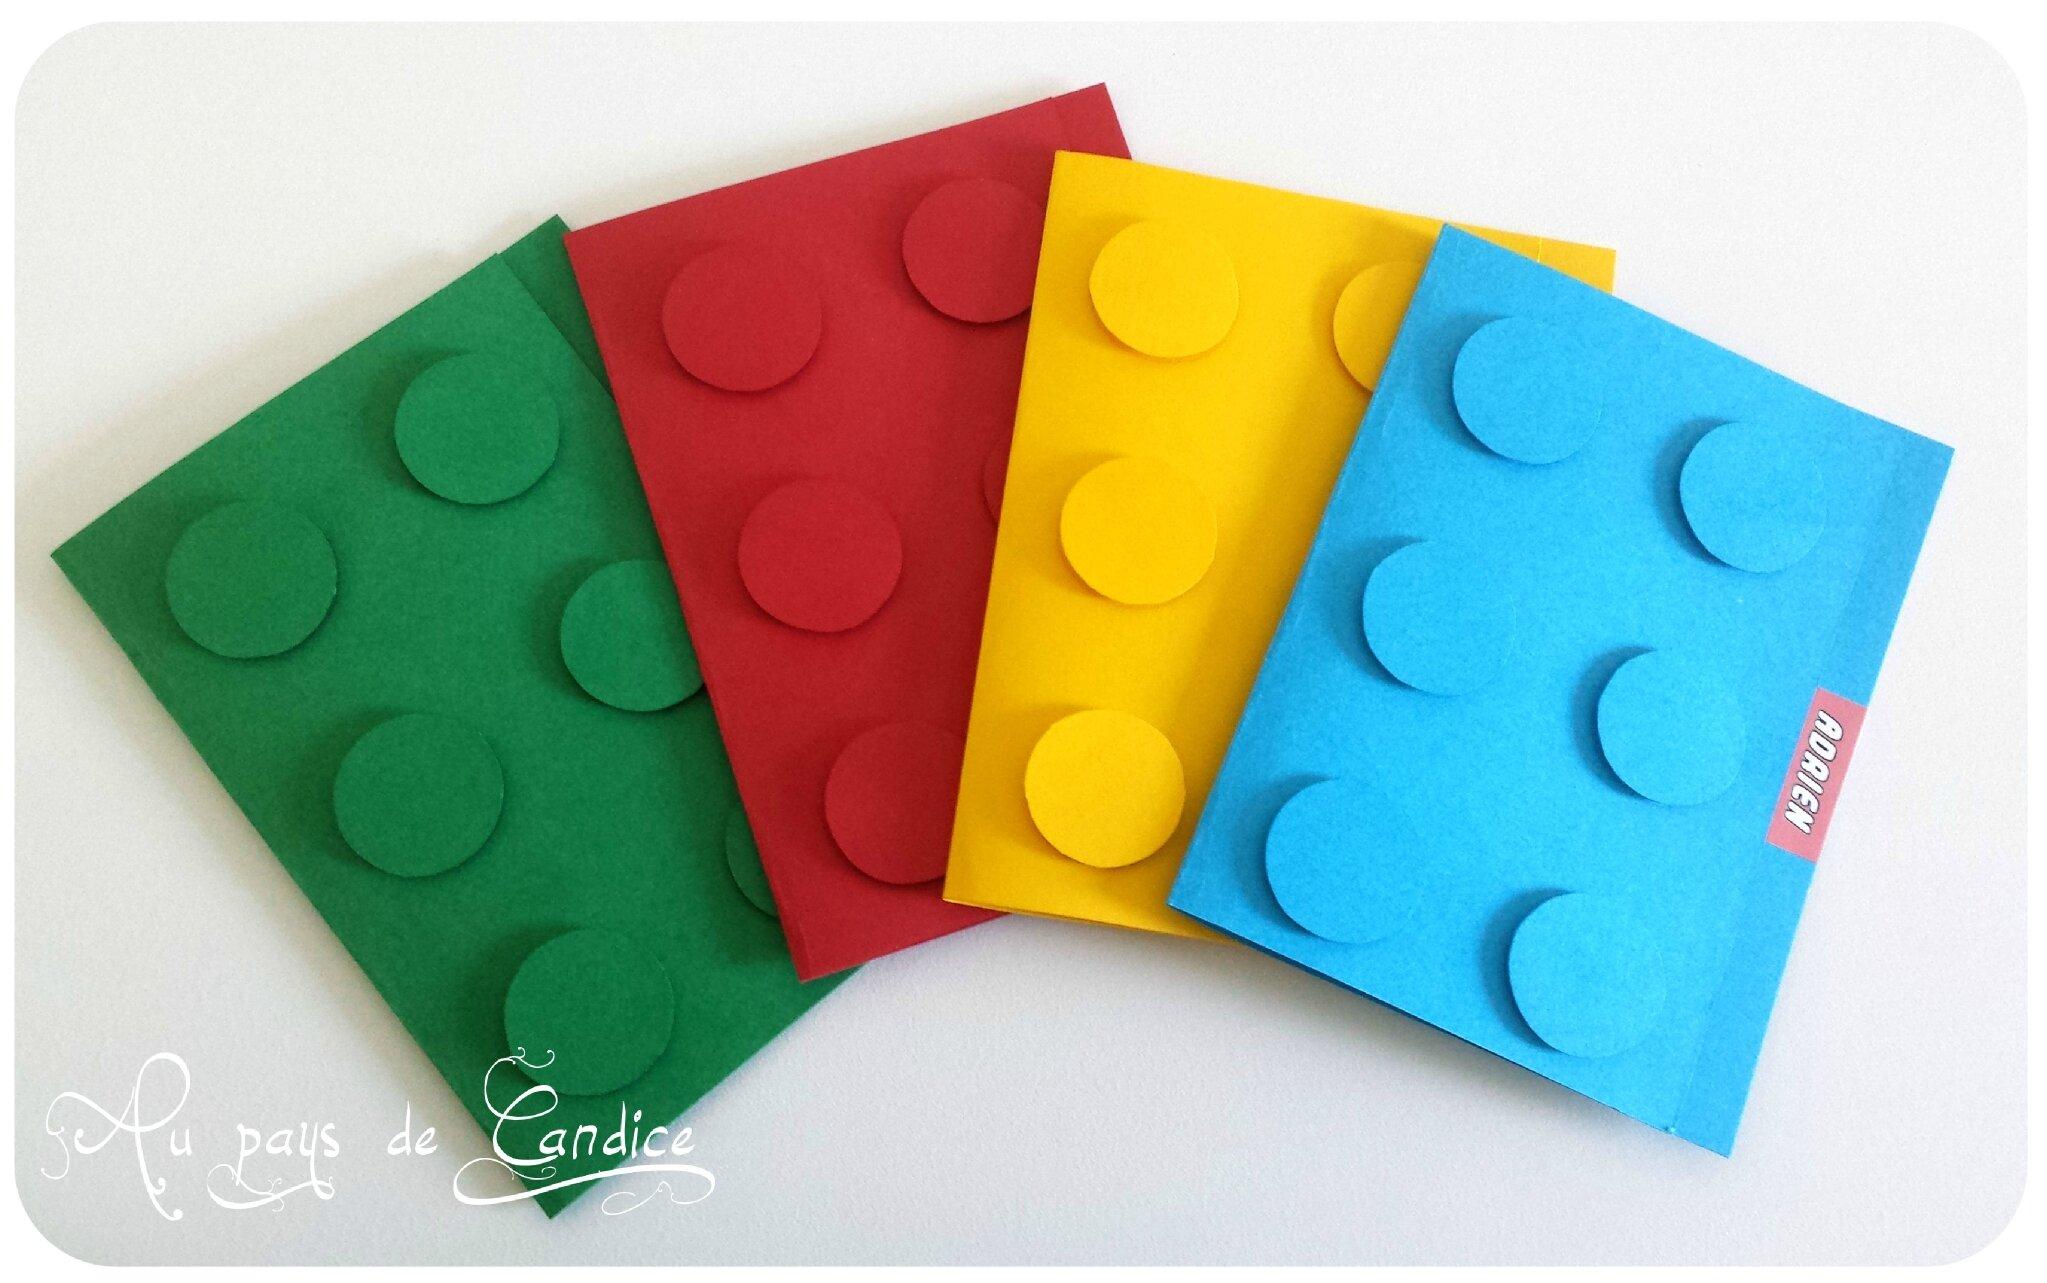 Jeux Goûter Et Invitation Pour Un Anniversaire Lego Au Pays De